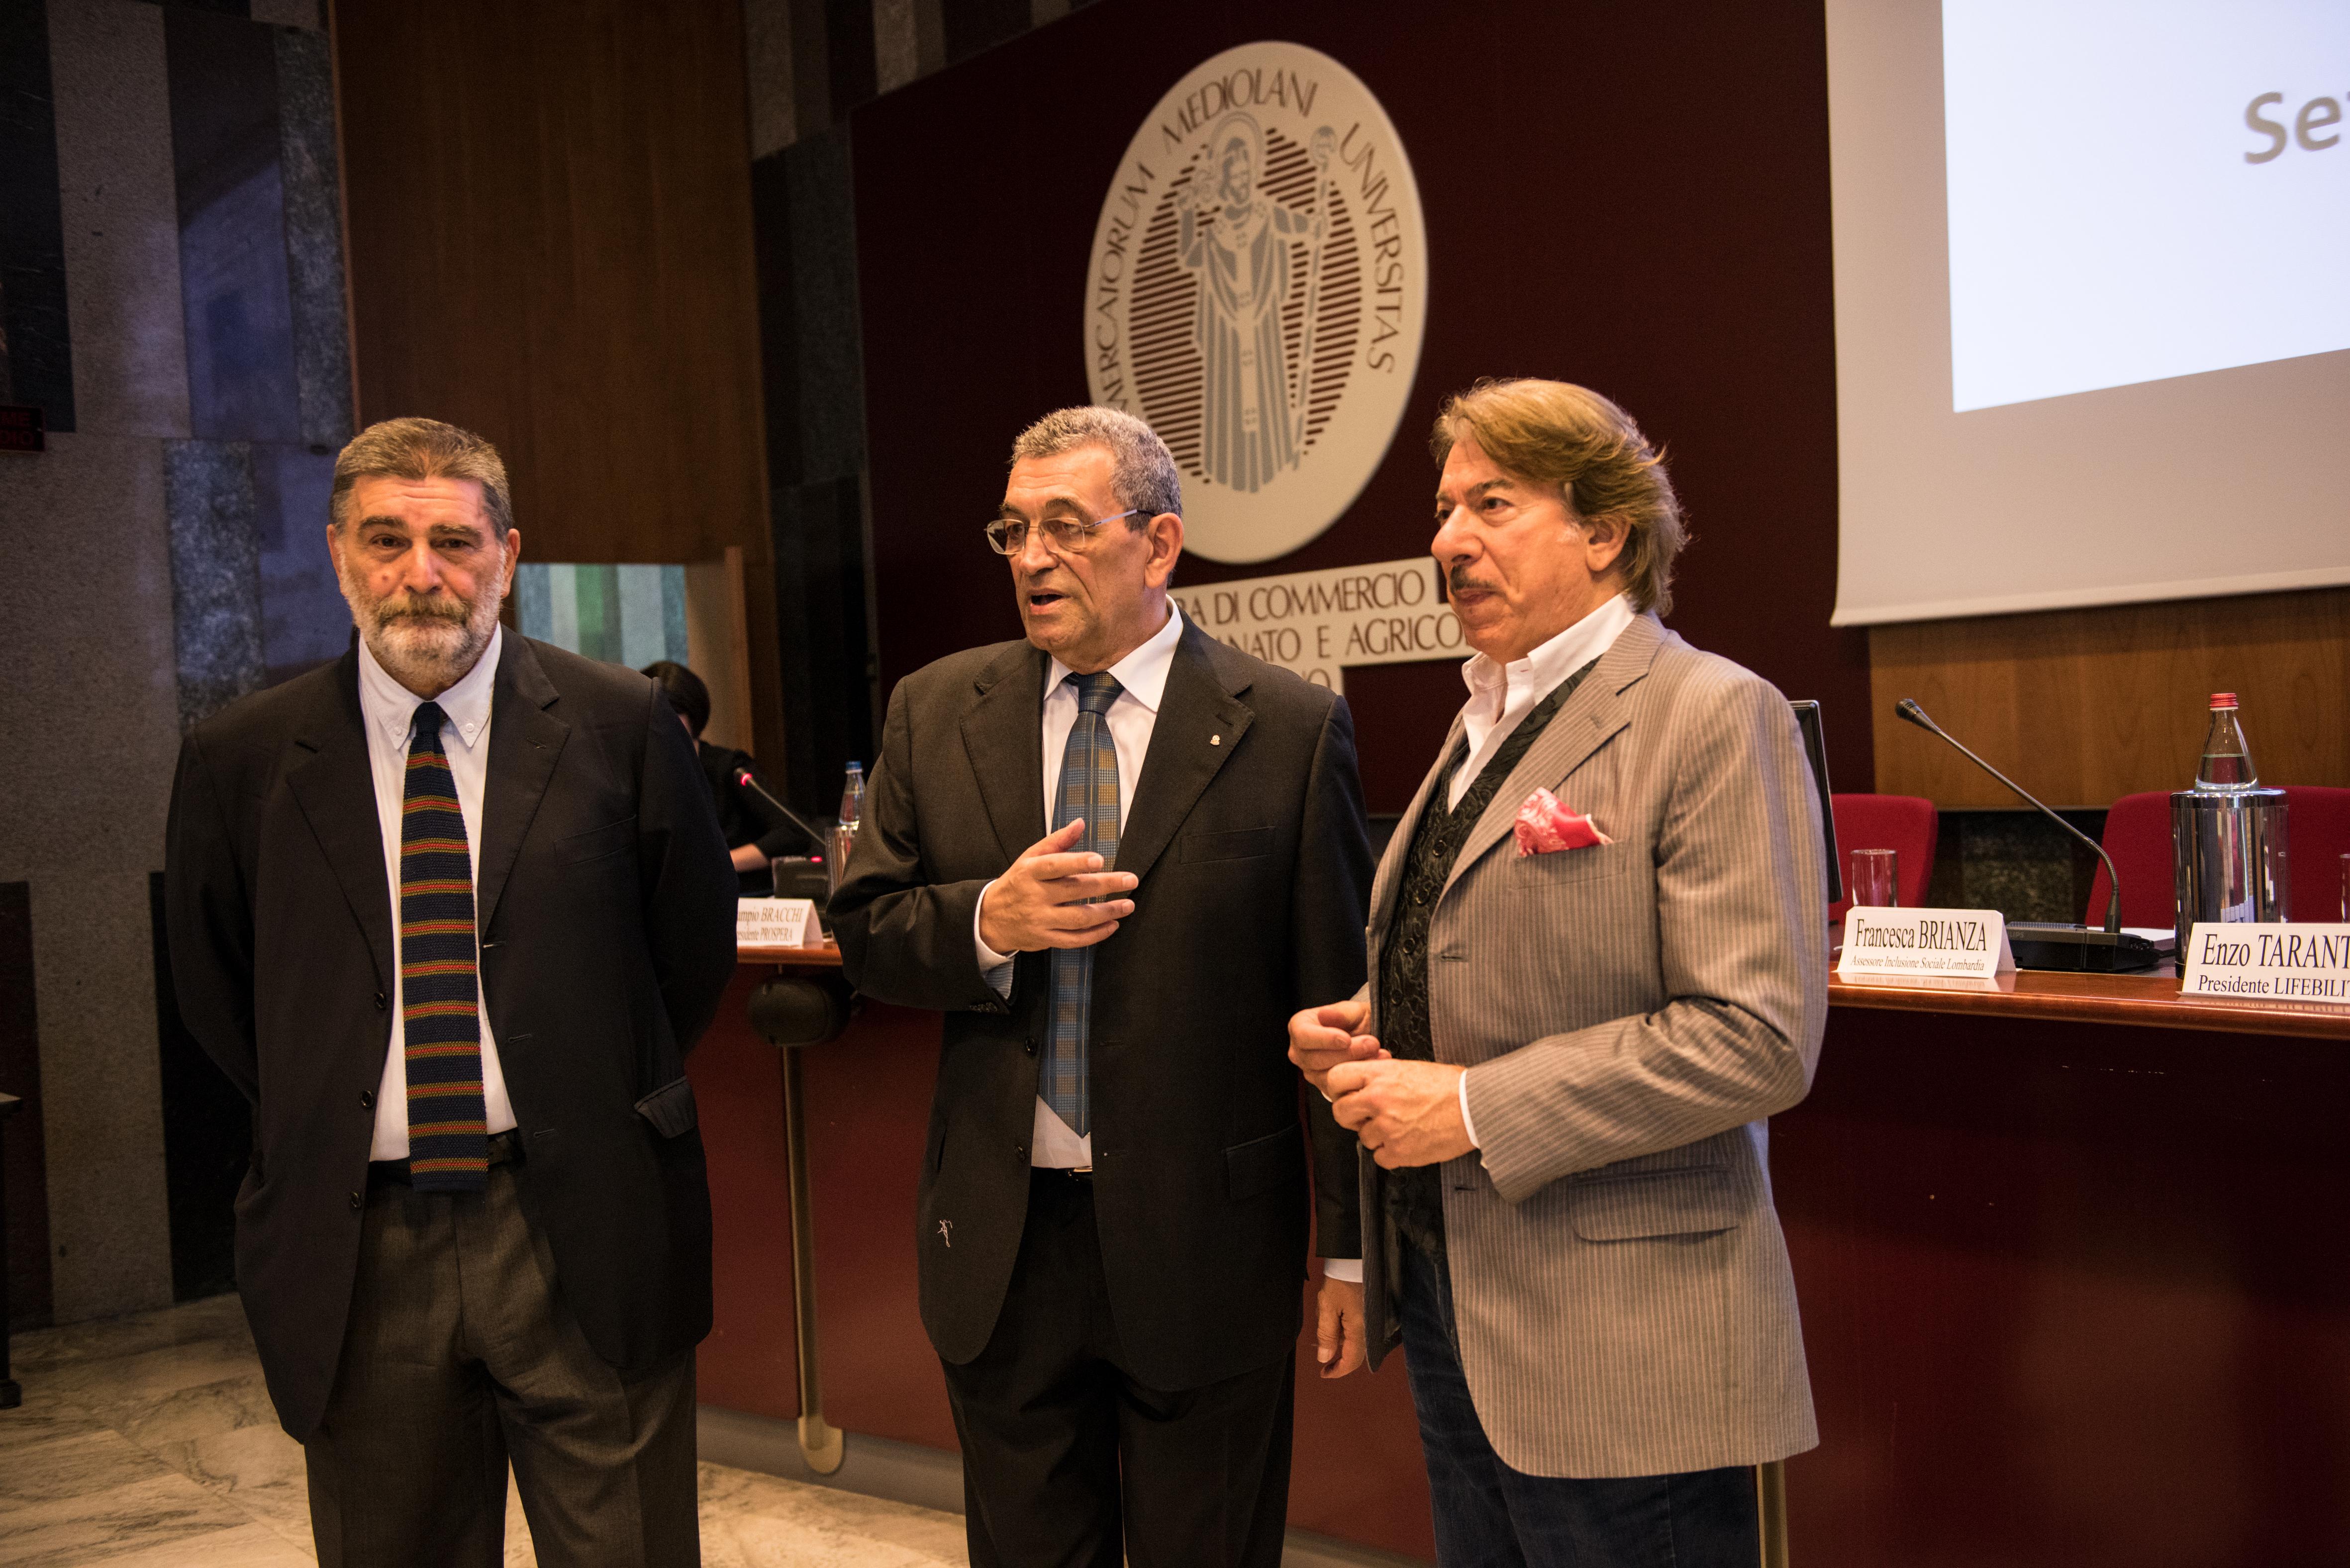 Da sinistra: Massimo Ferlini (Membro Giunta Camera di Commercio Milano), Enzo Taranto (Presidente Associazione Lifebility) e Marco Columbro.